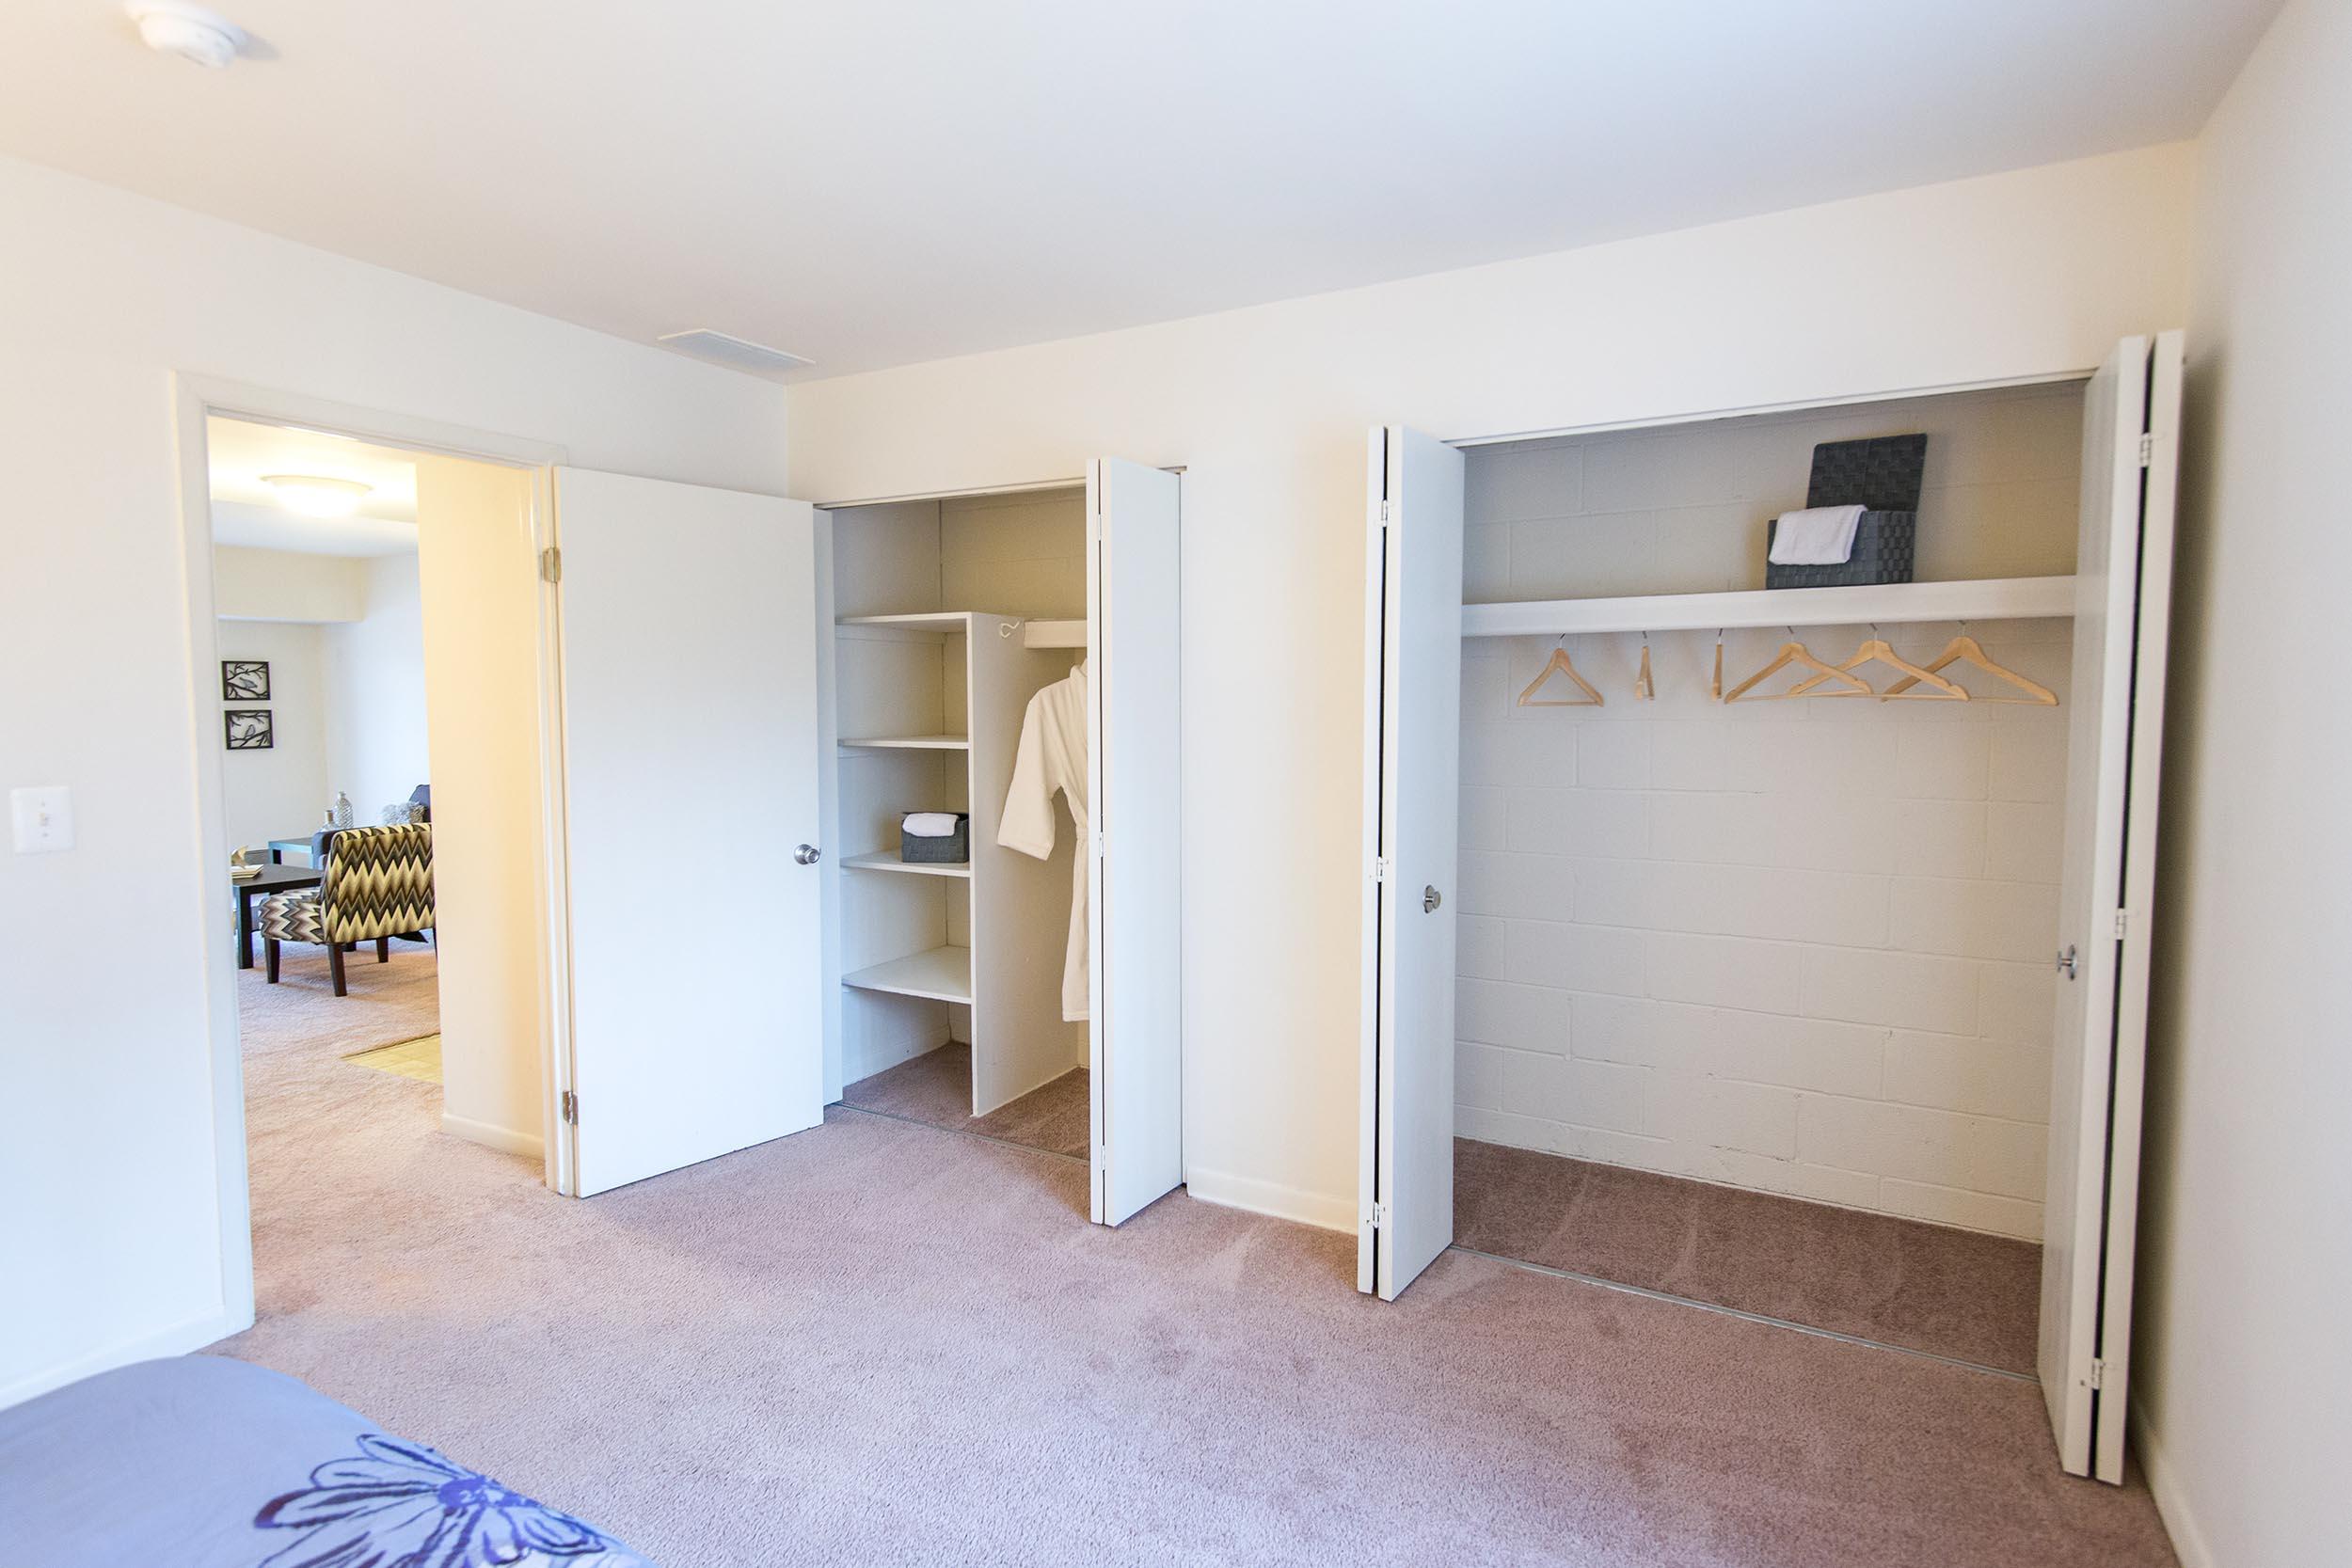 Sk-20624-20bedroom-20closet-203